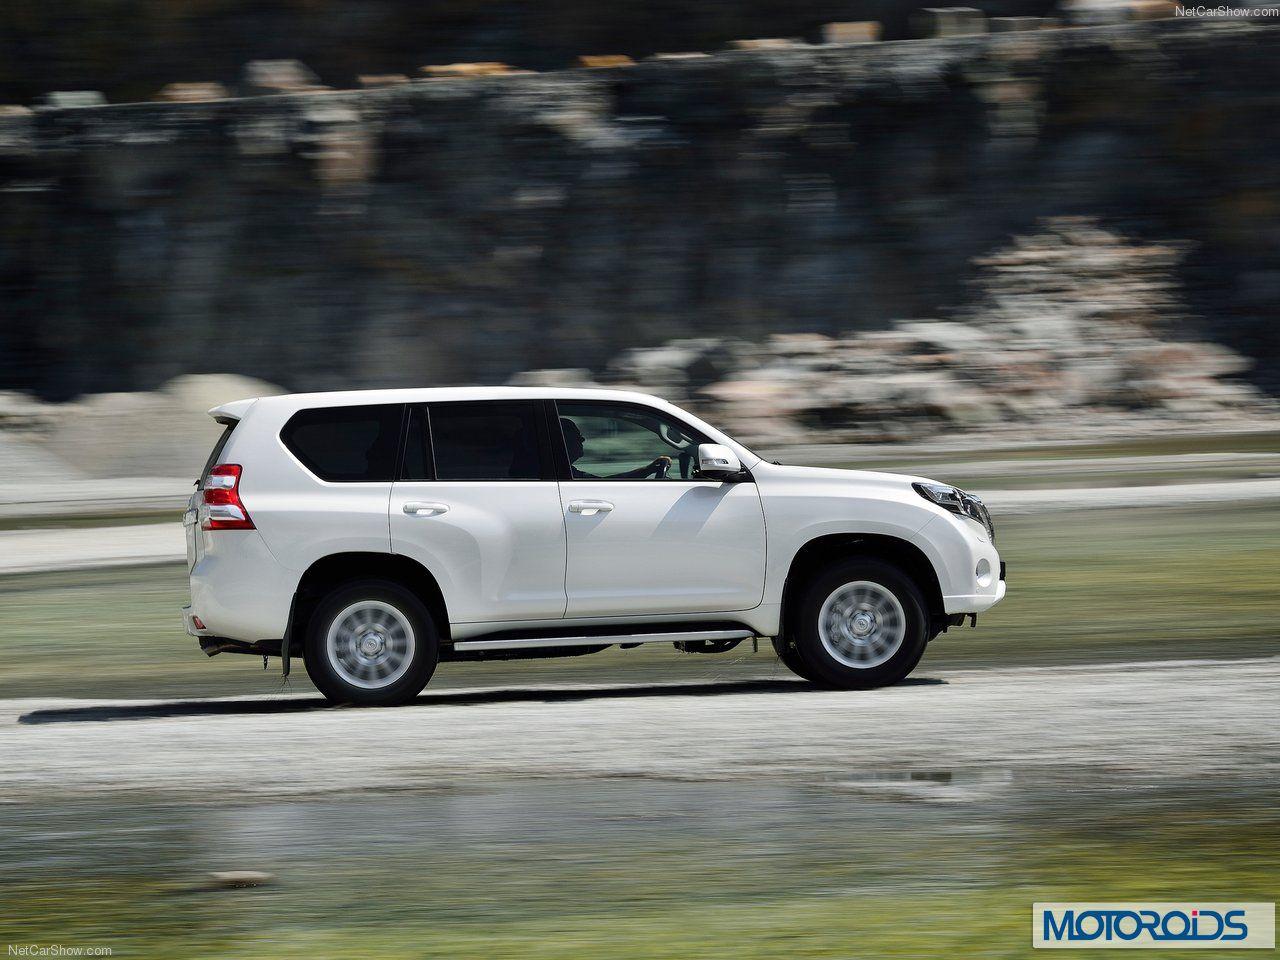 New 2014 Toyota Land Cruiser